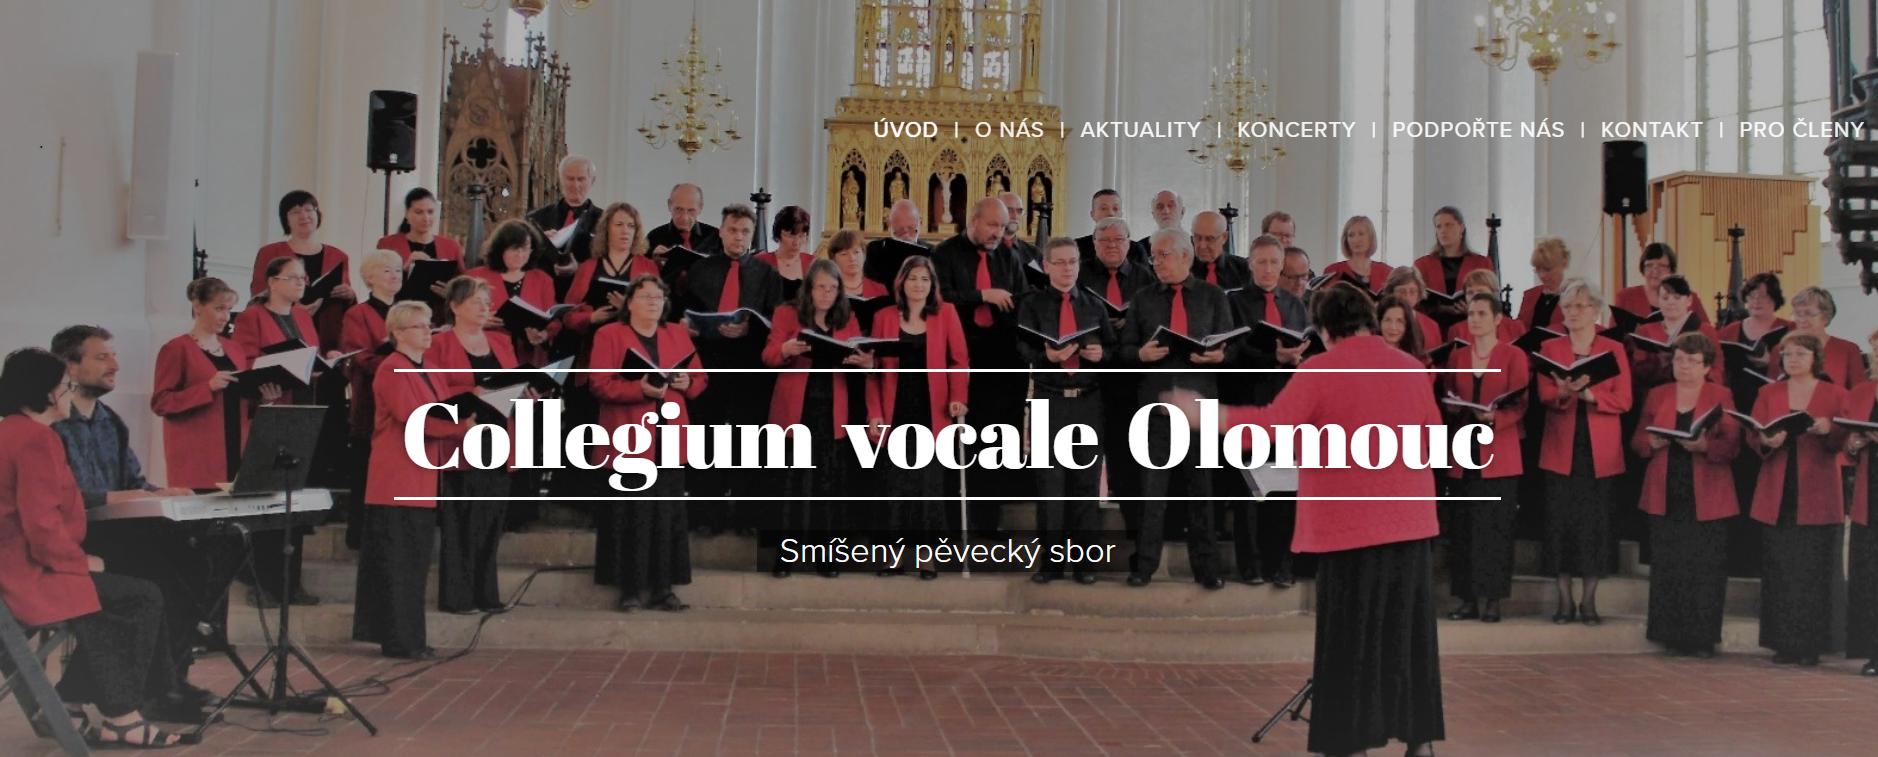 Collegium vocale Olomouc